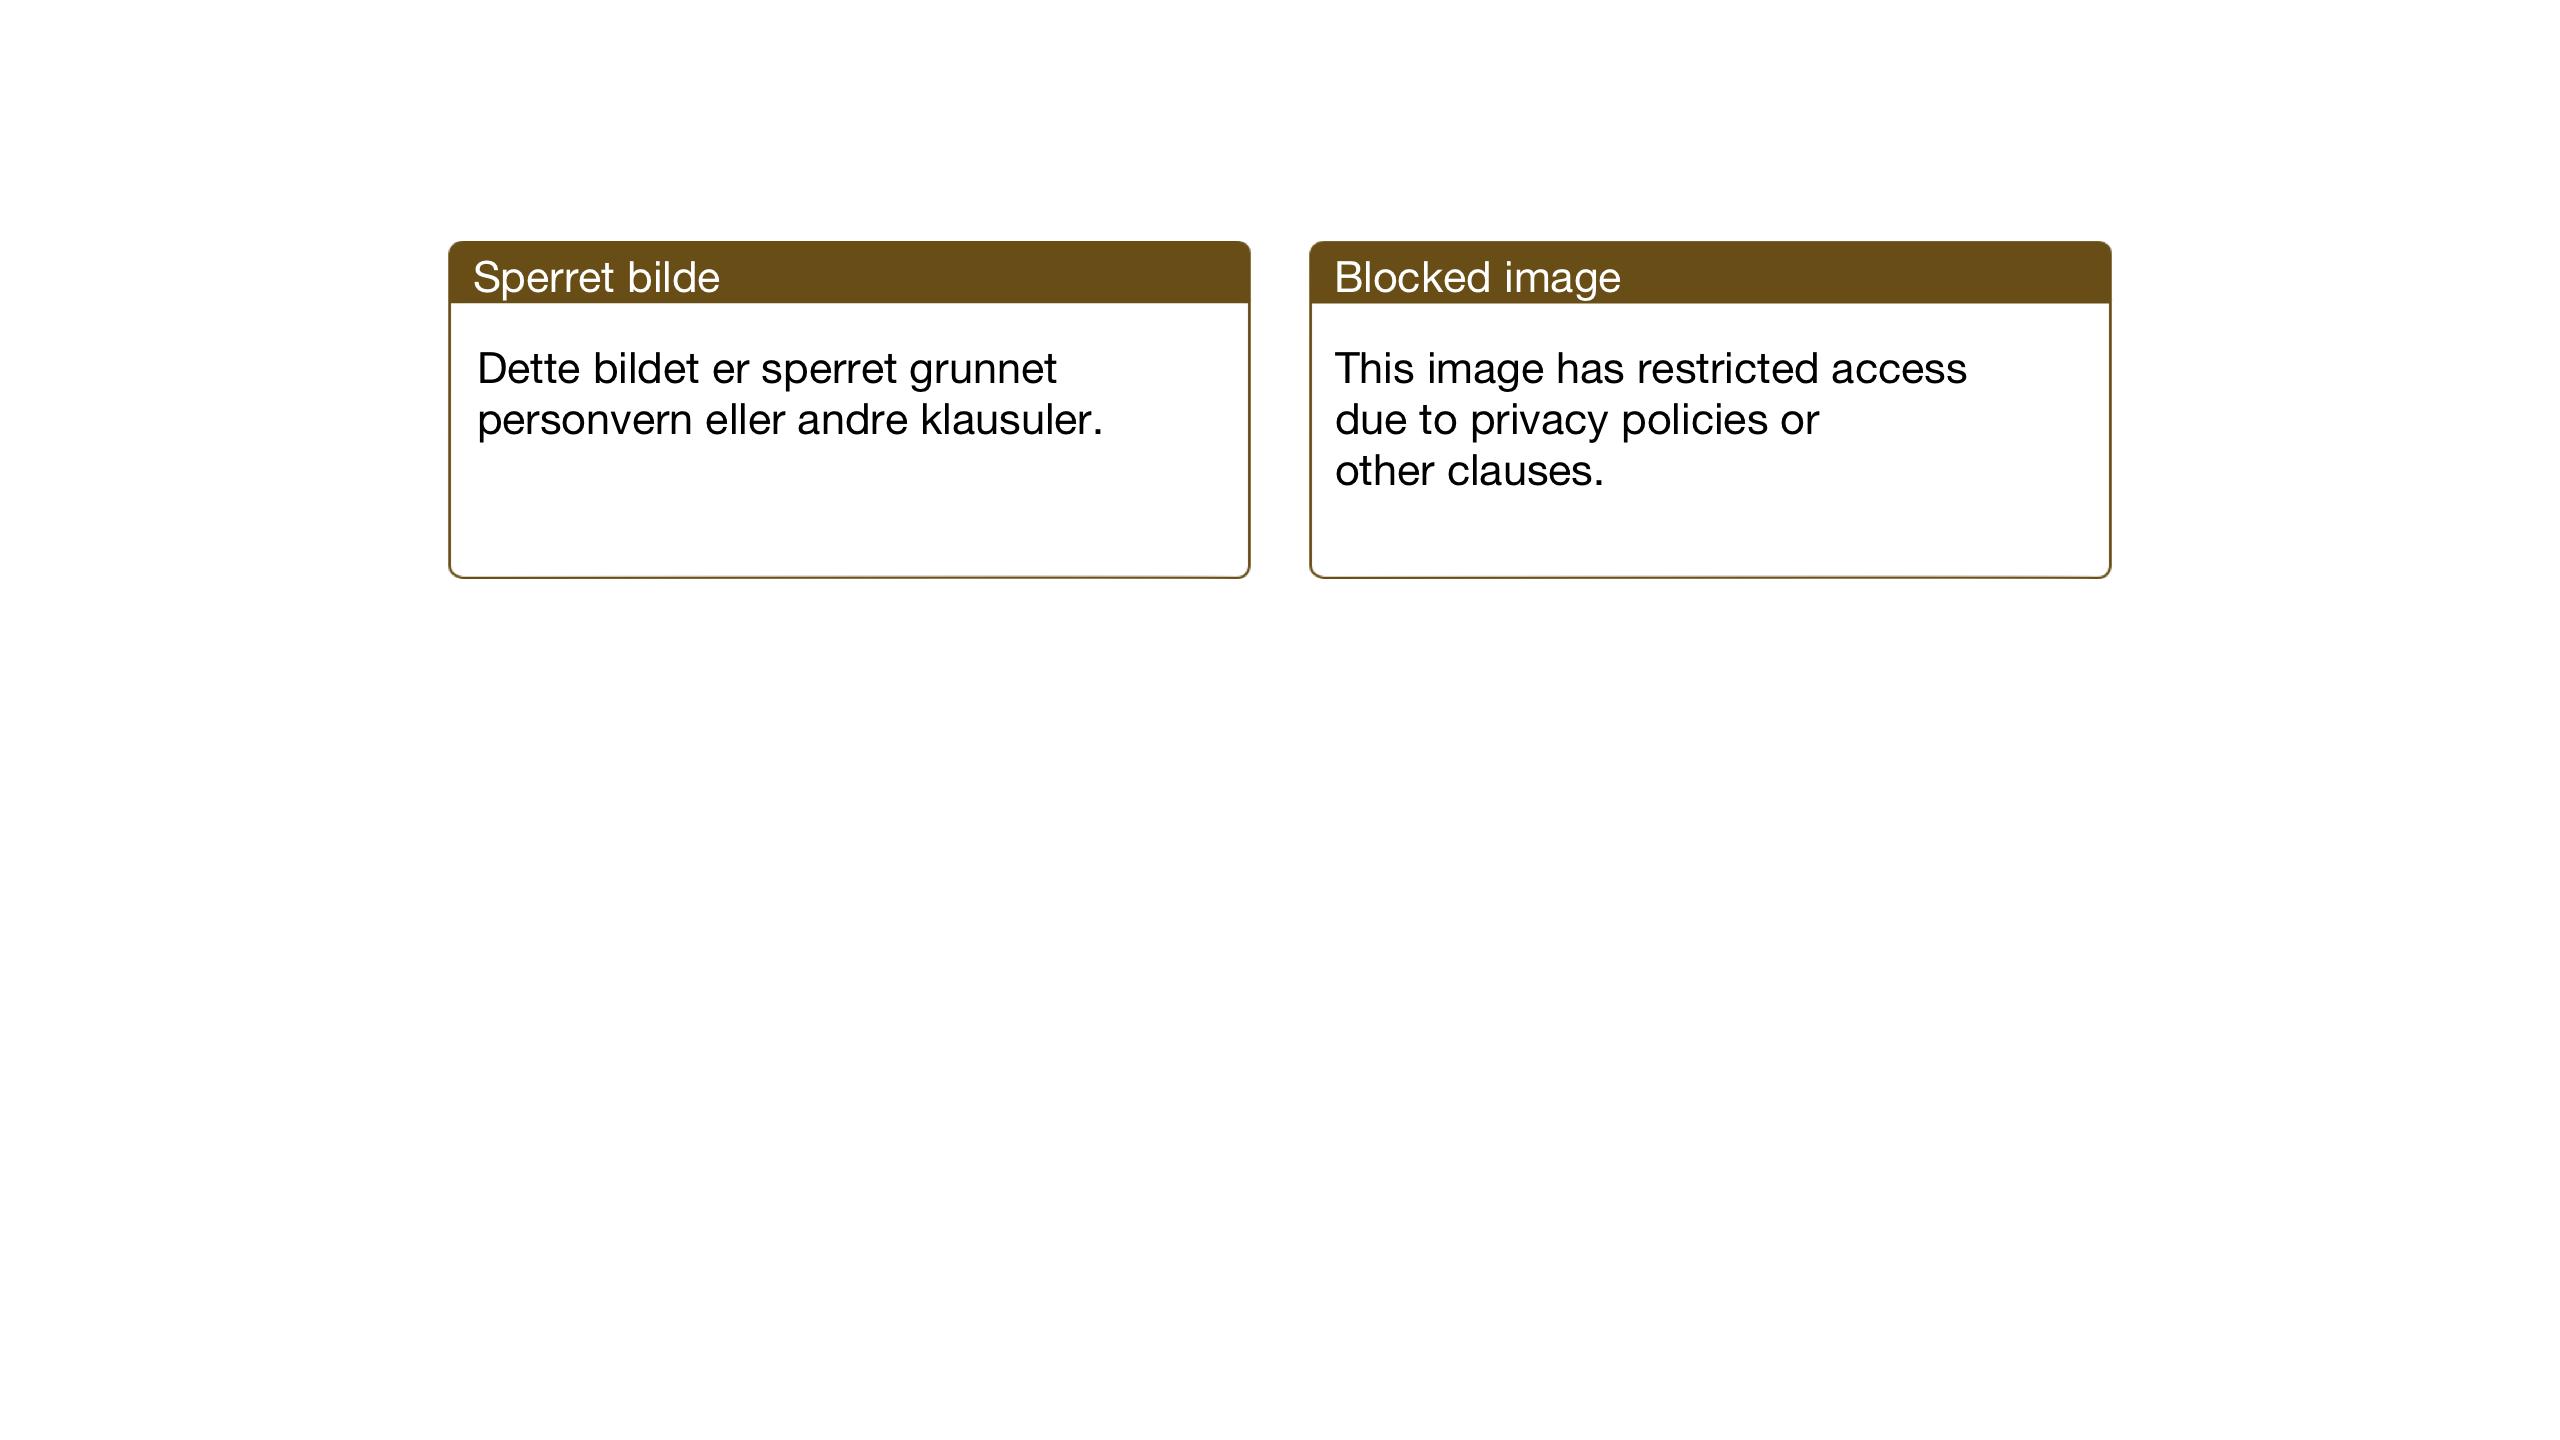 SAT, Ministerialprotokoller, klokkerbøker og fødselsregistre - Nord-Trøndelag, 786/L0689: Klokkerbok nr. 786C01, 1940-1948, s. 470-471